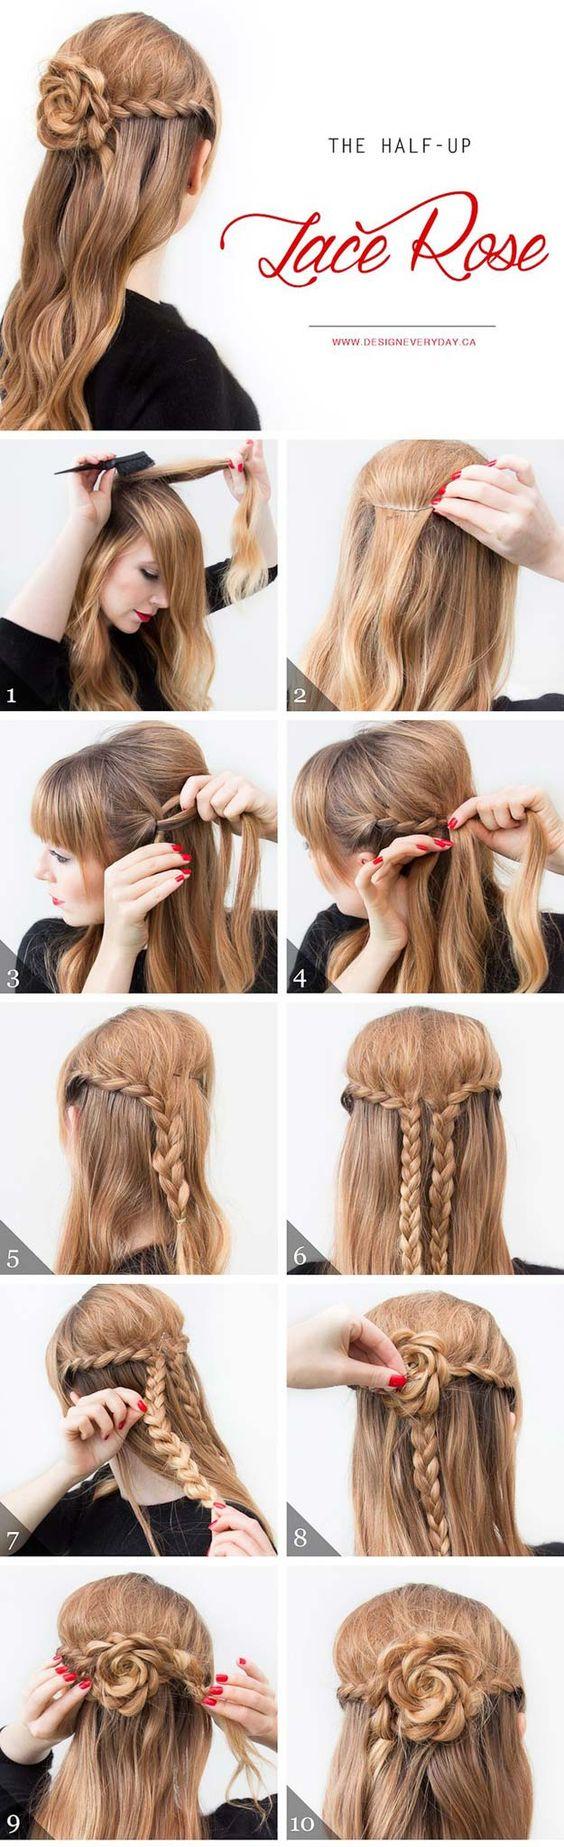 Prime Easy Diy Hairstyles Diy Hairstyles And Easy Diy On Pinterest Short Hairstyles Gunalazisus